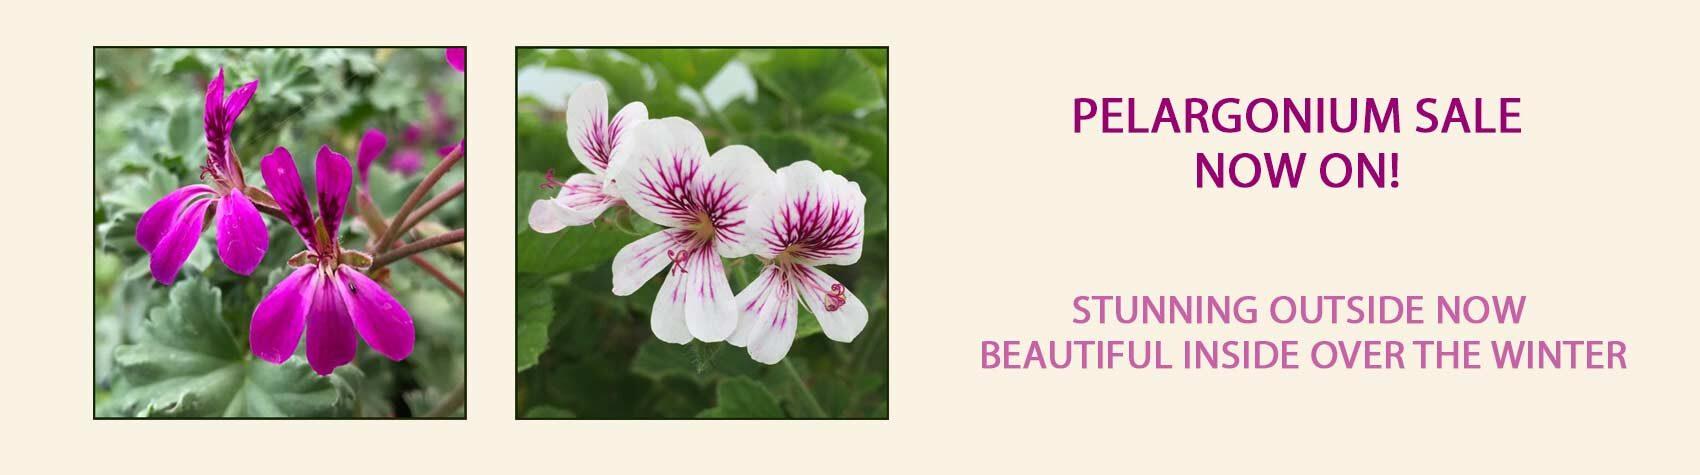 Buy Pelargoniums